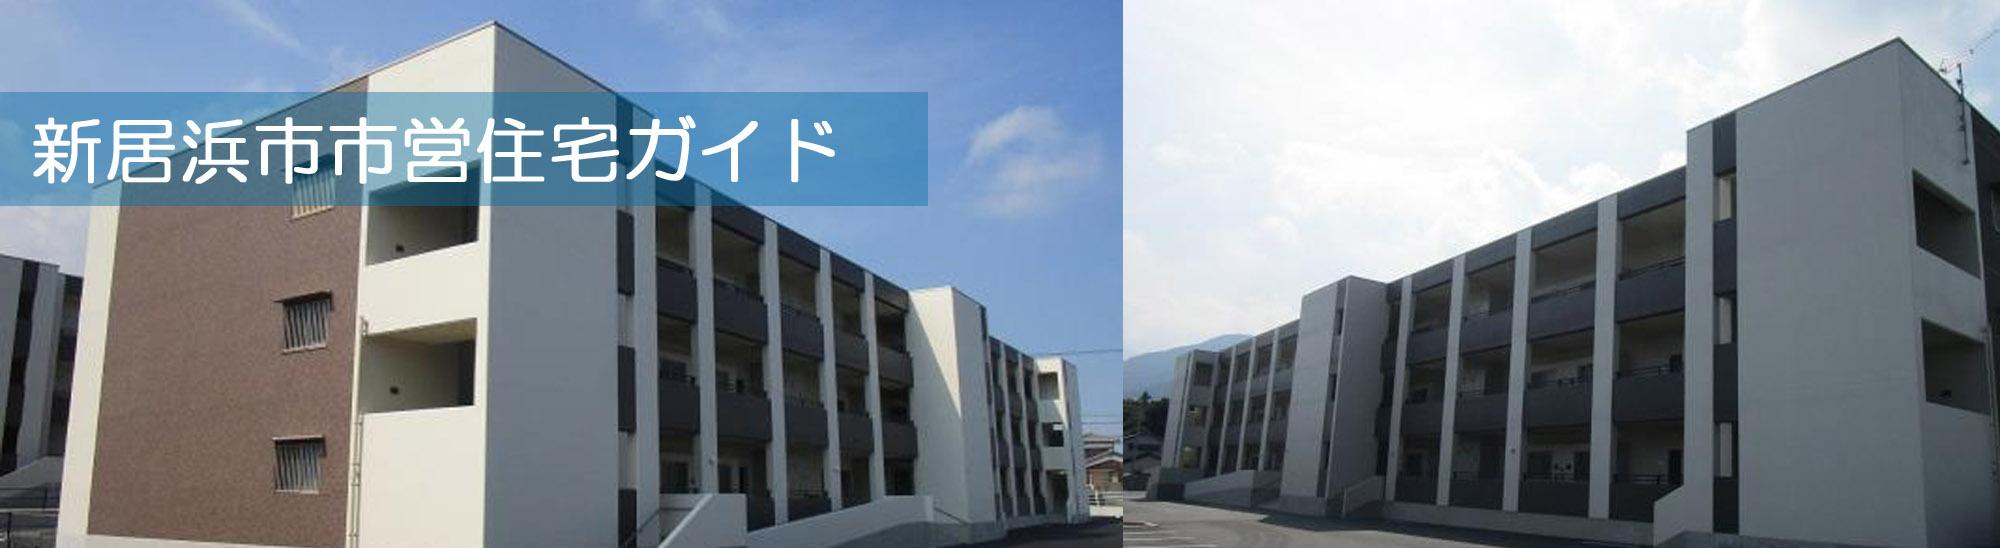 トップページ | 新居浜市市営住宅ガイド